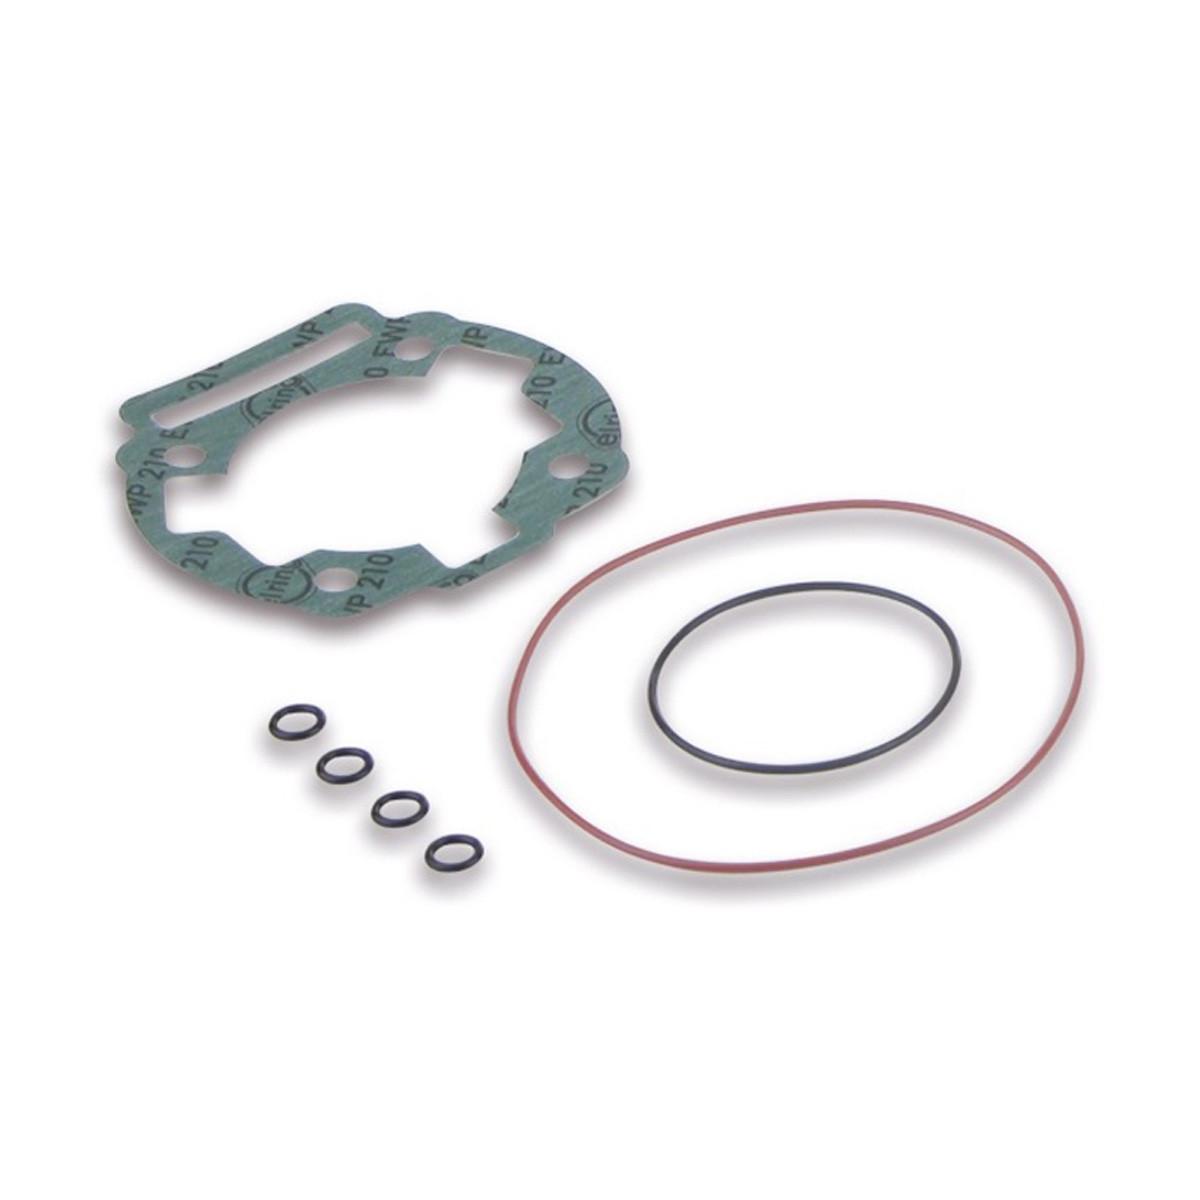 Pochette Joints HM DERBI E3 80cc - MALOSSI MHR - MHR Replica